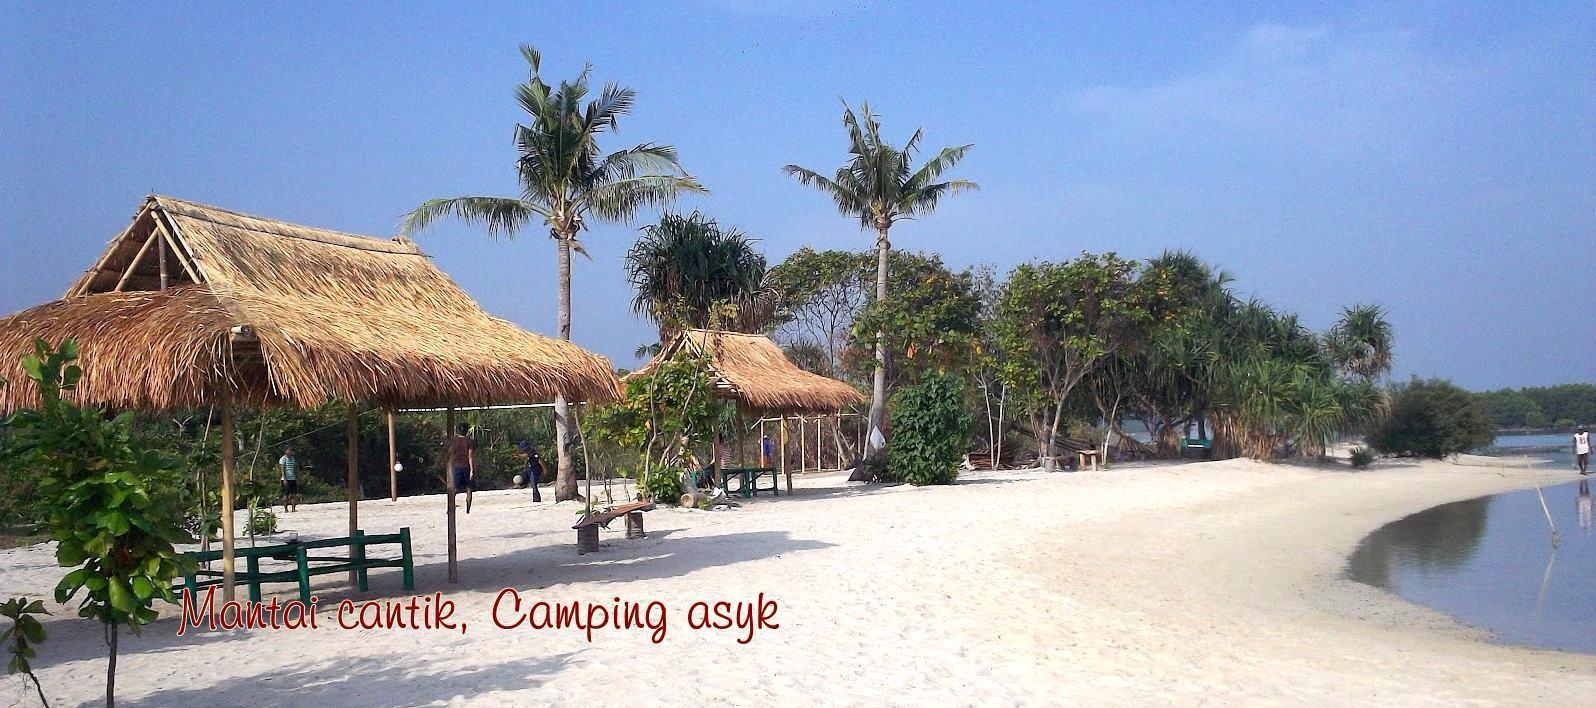 Pantai Cantik Buat Camping Asyk Di Kepulauan Seribu Petouring